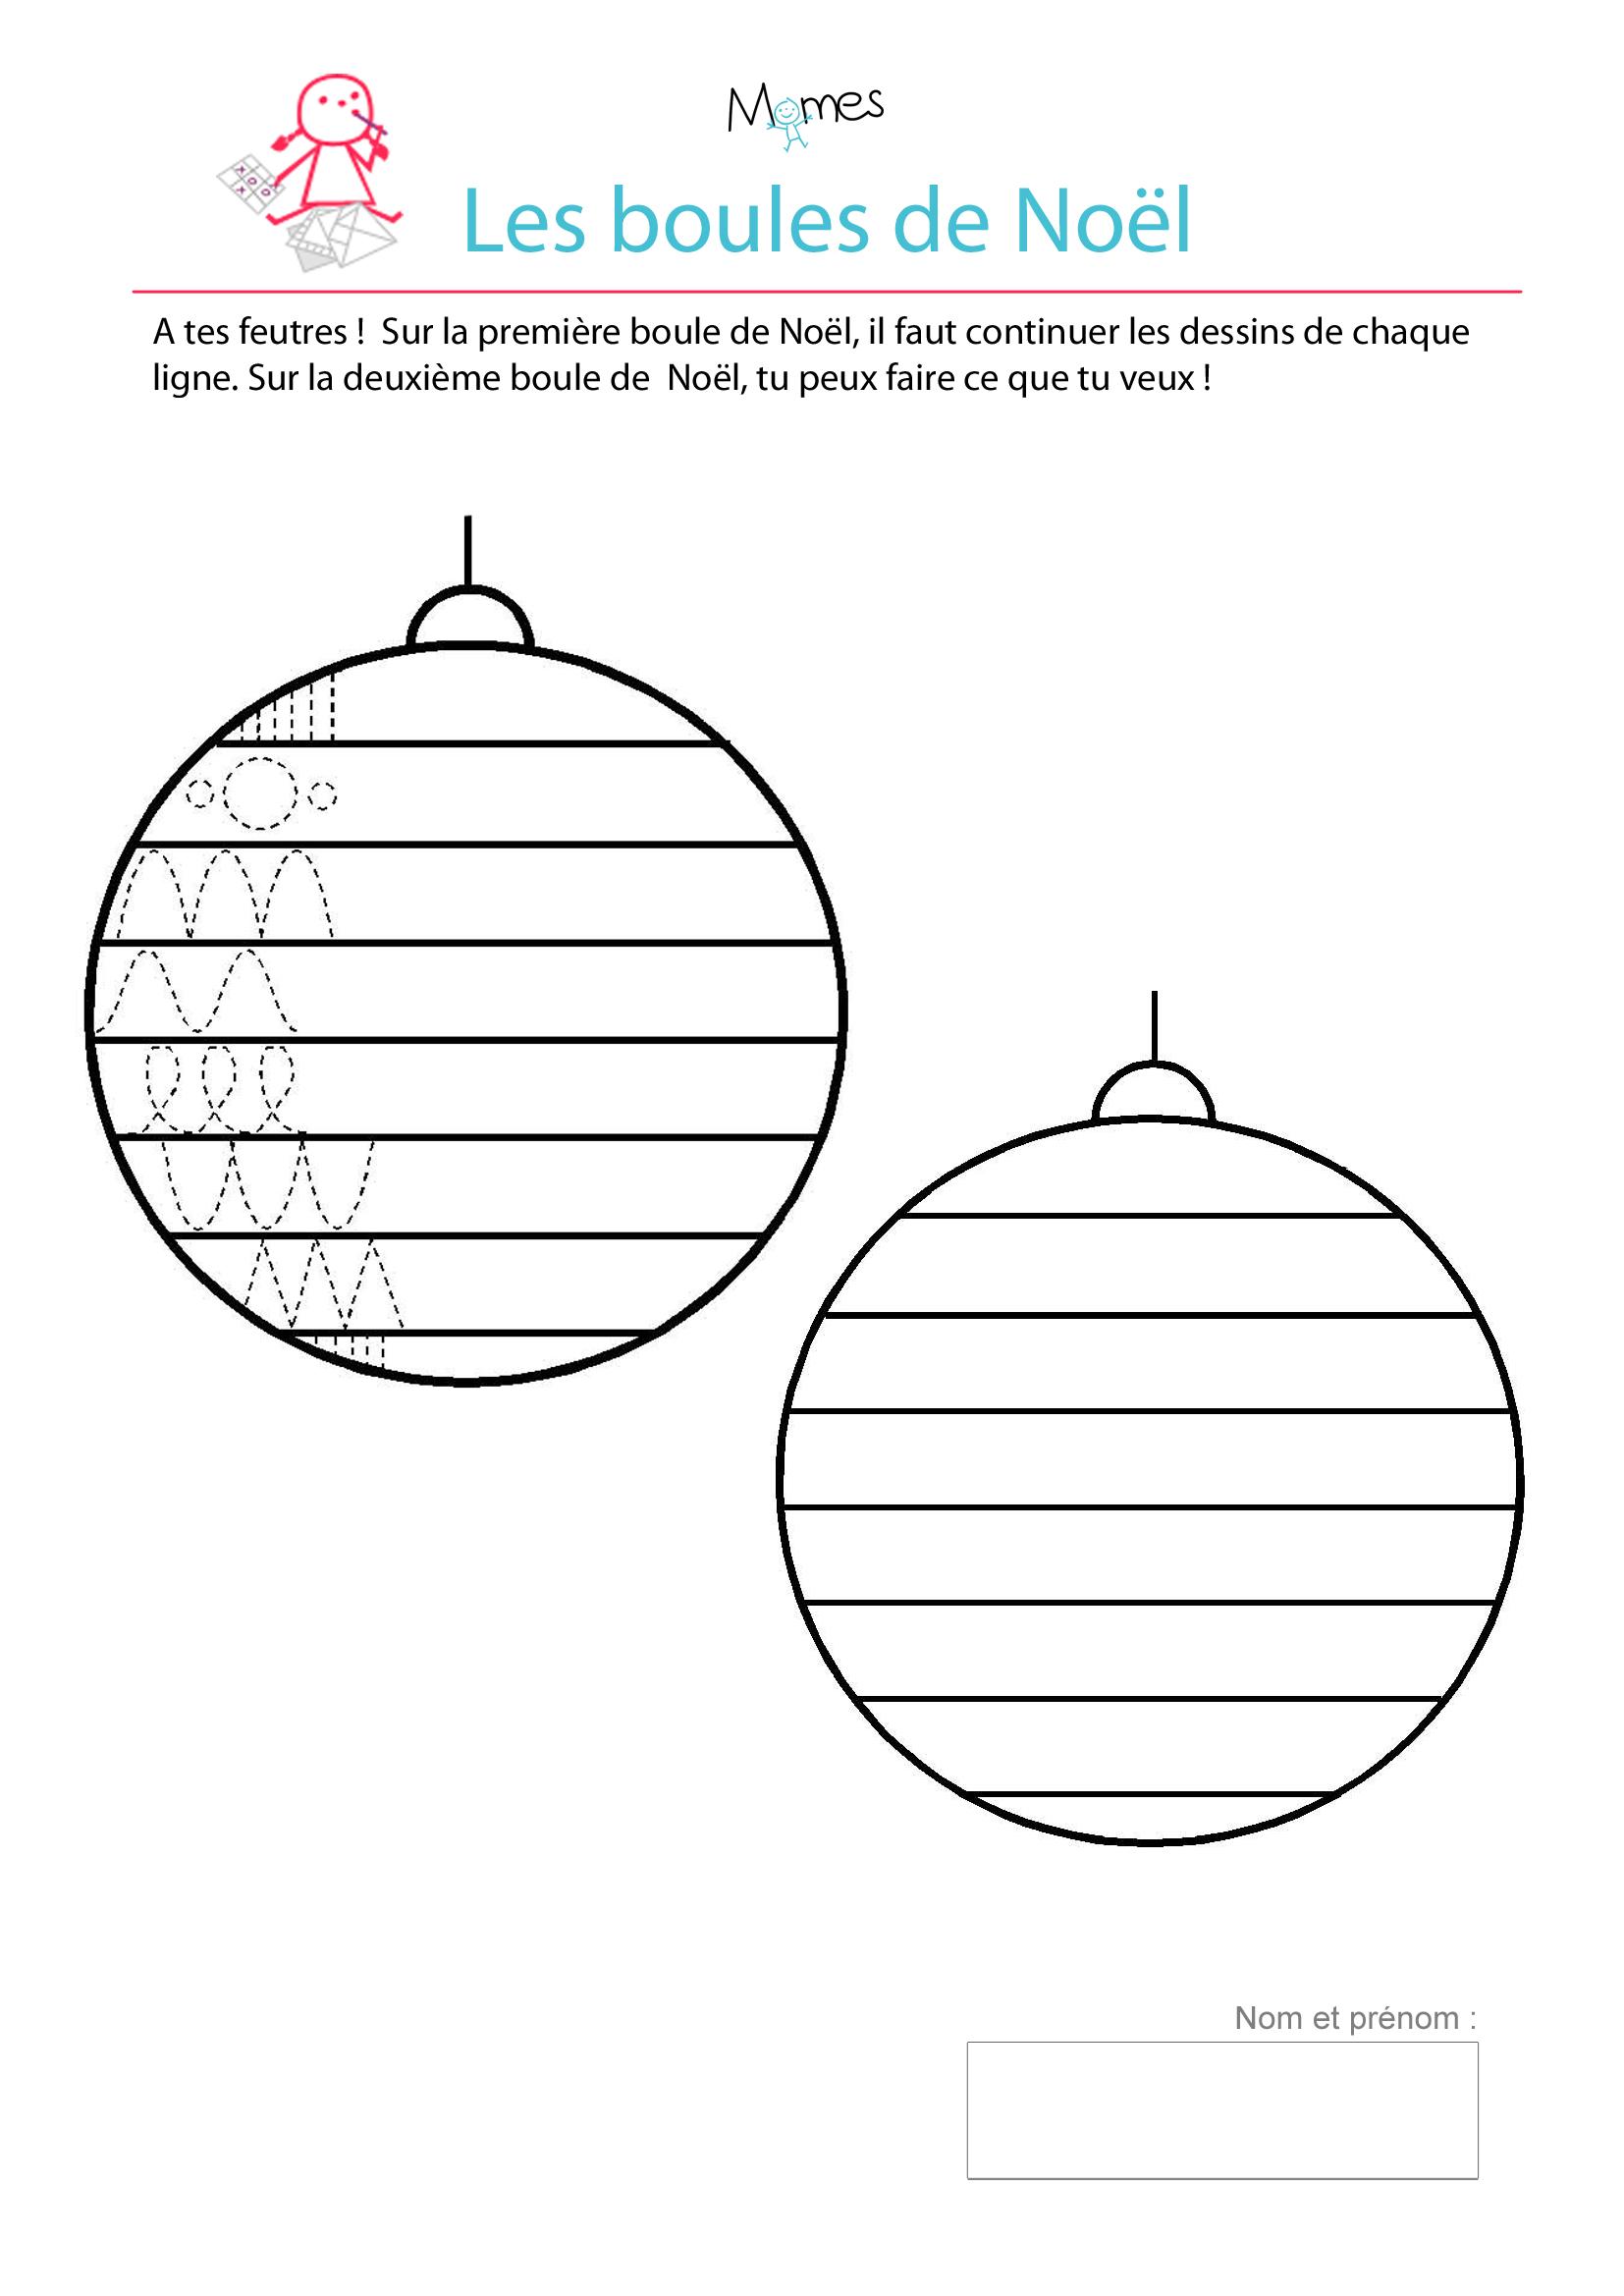 Décore les boules de Noël - Exercice de tracé - Momes.net